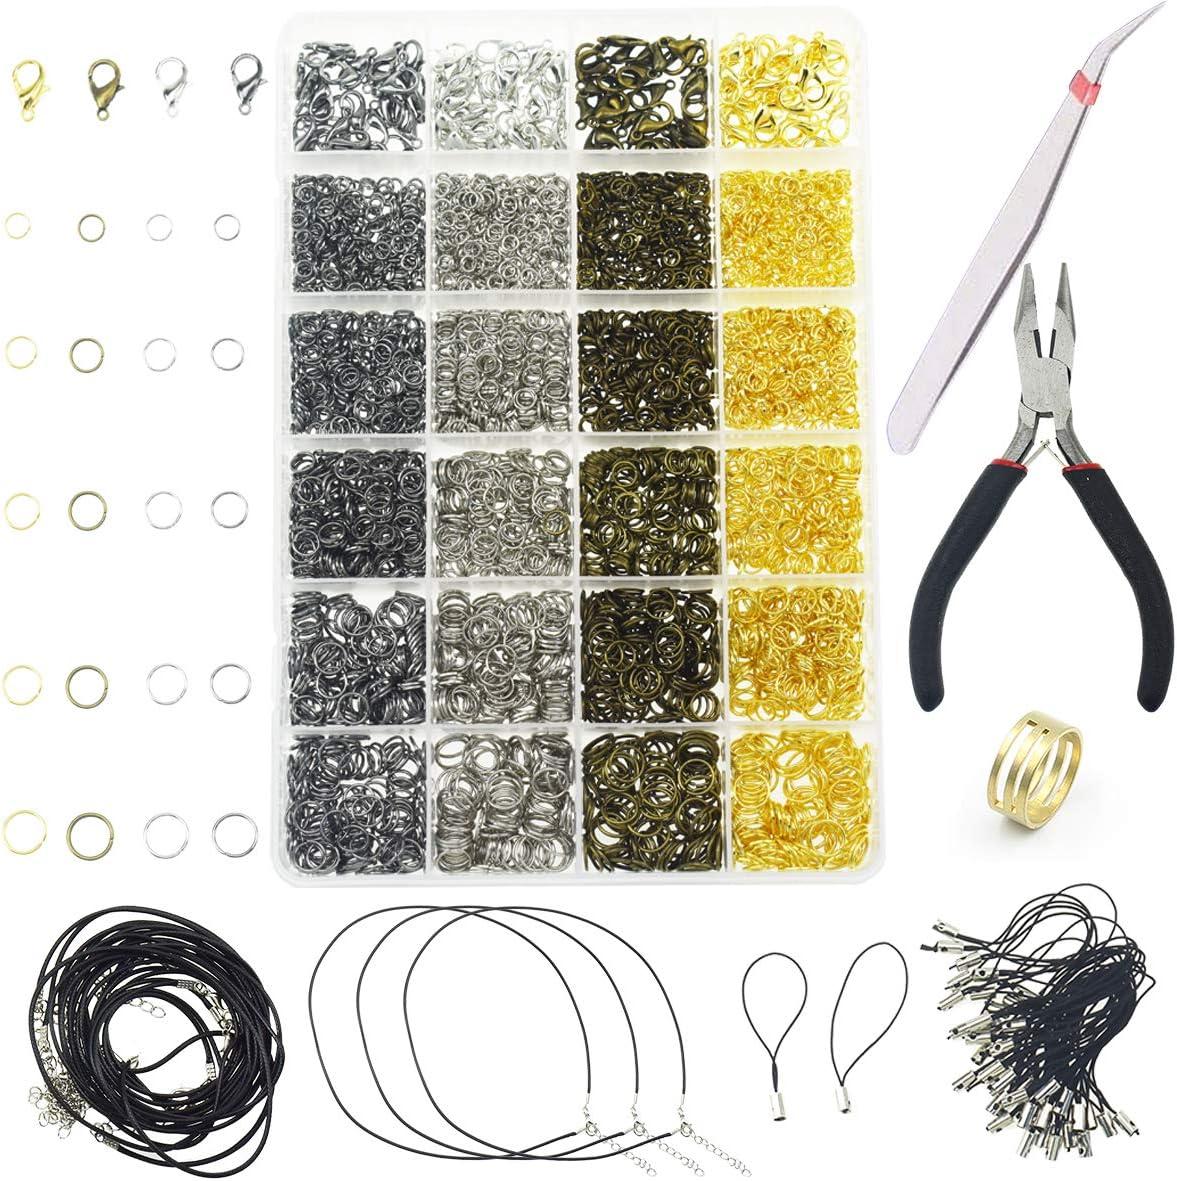 3143 Piezas Hallazgos de la joyería Juego de fabricación de joyas para la fabricación de artículos de joyería y reparación de collares